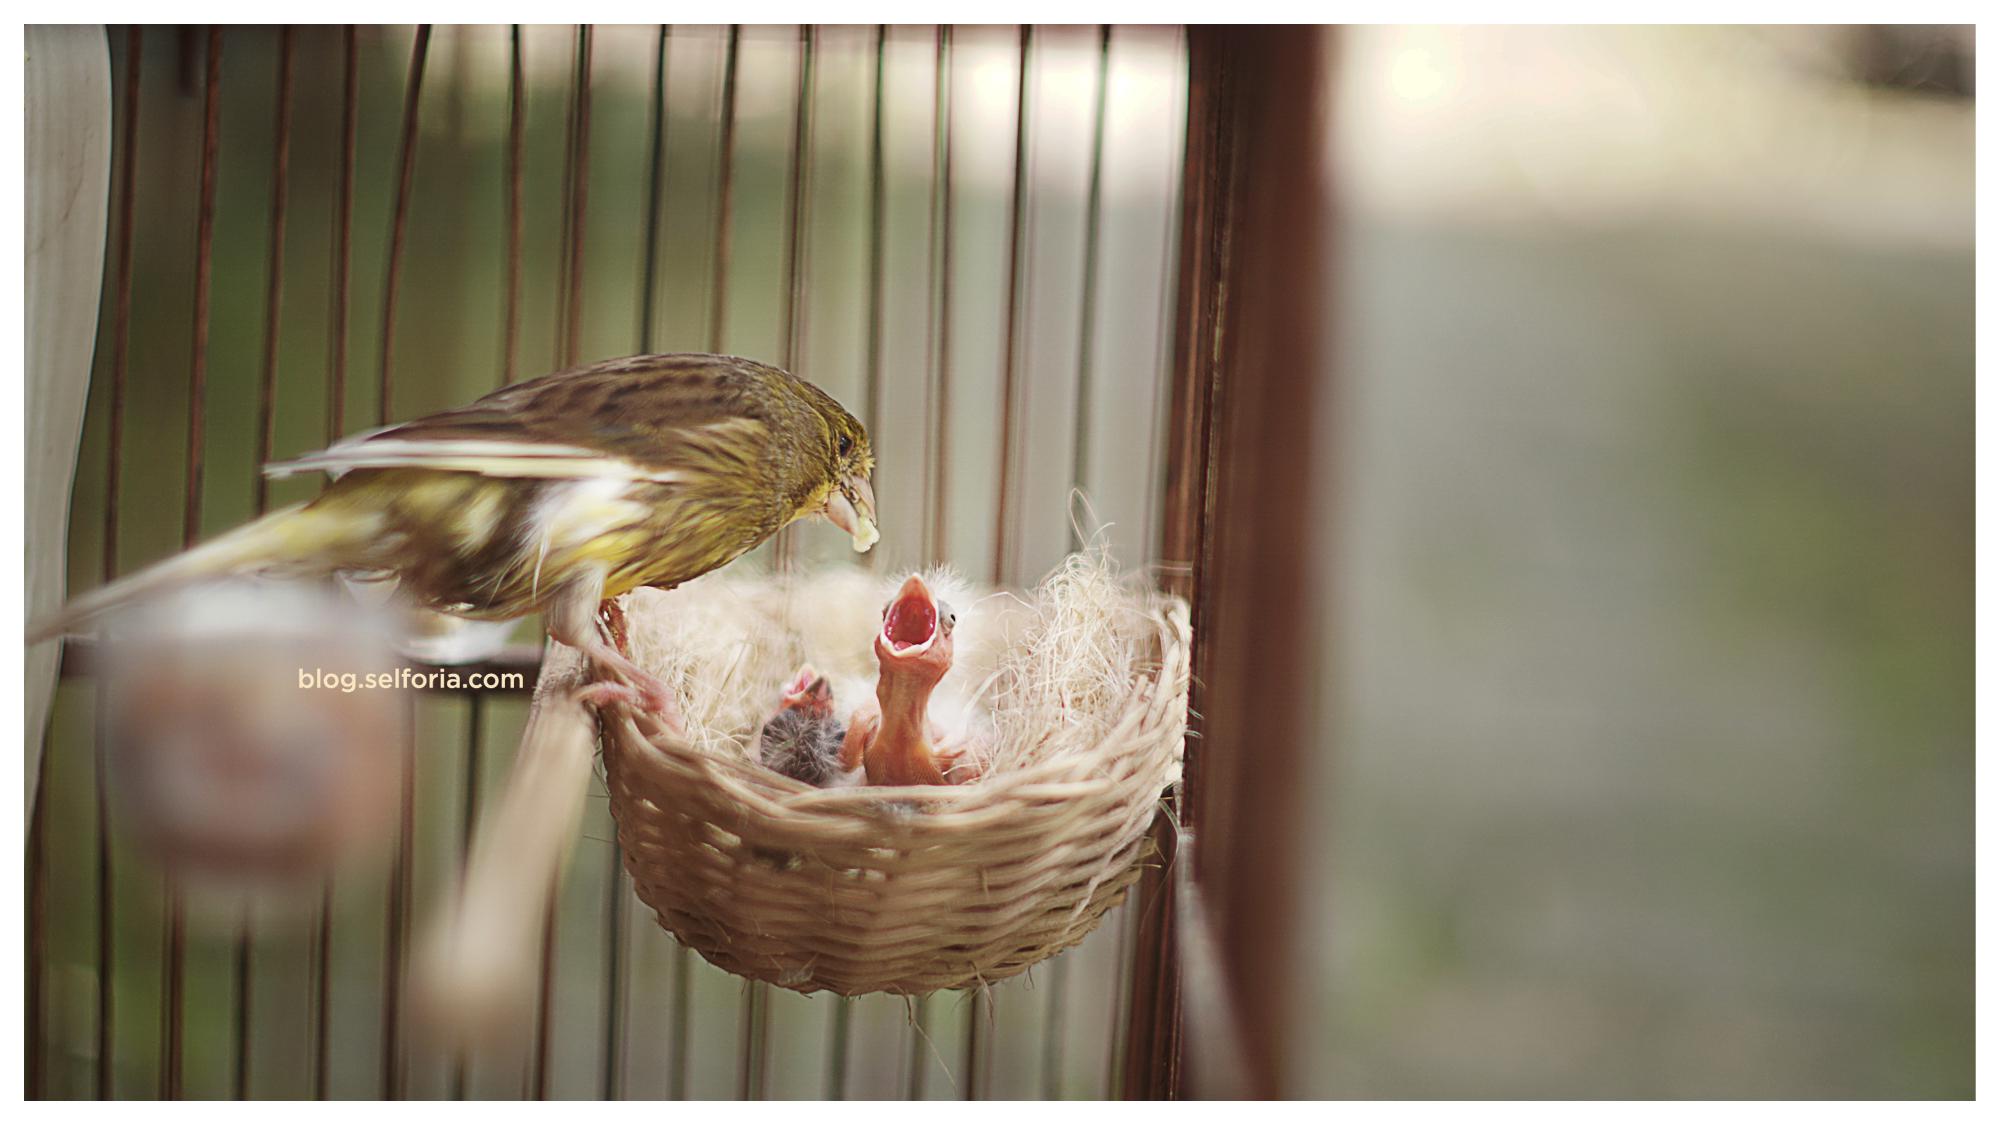 01 bird feeding